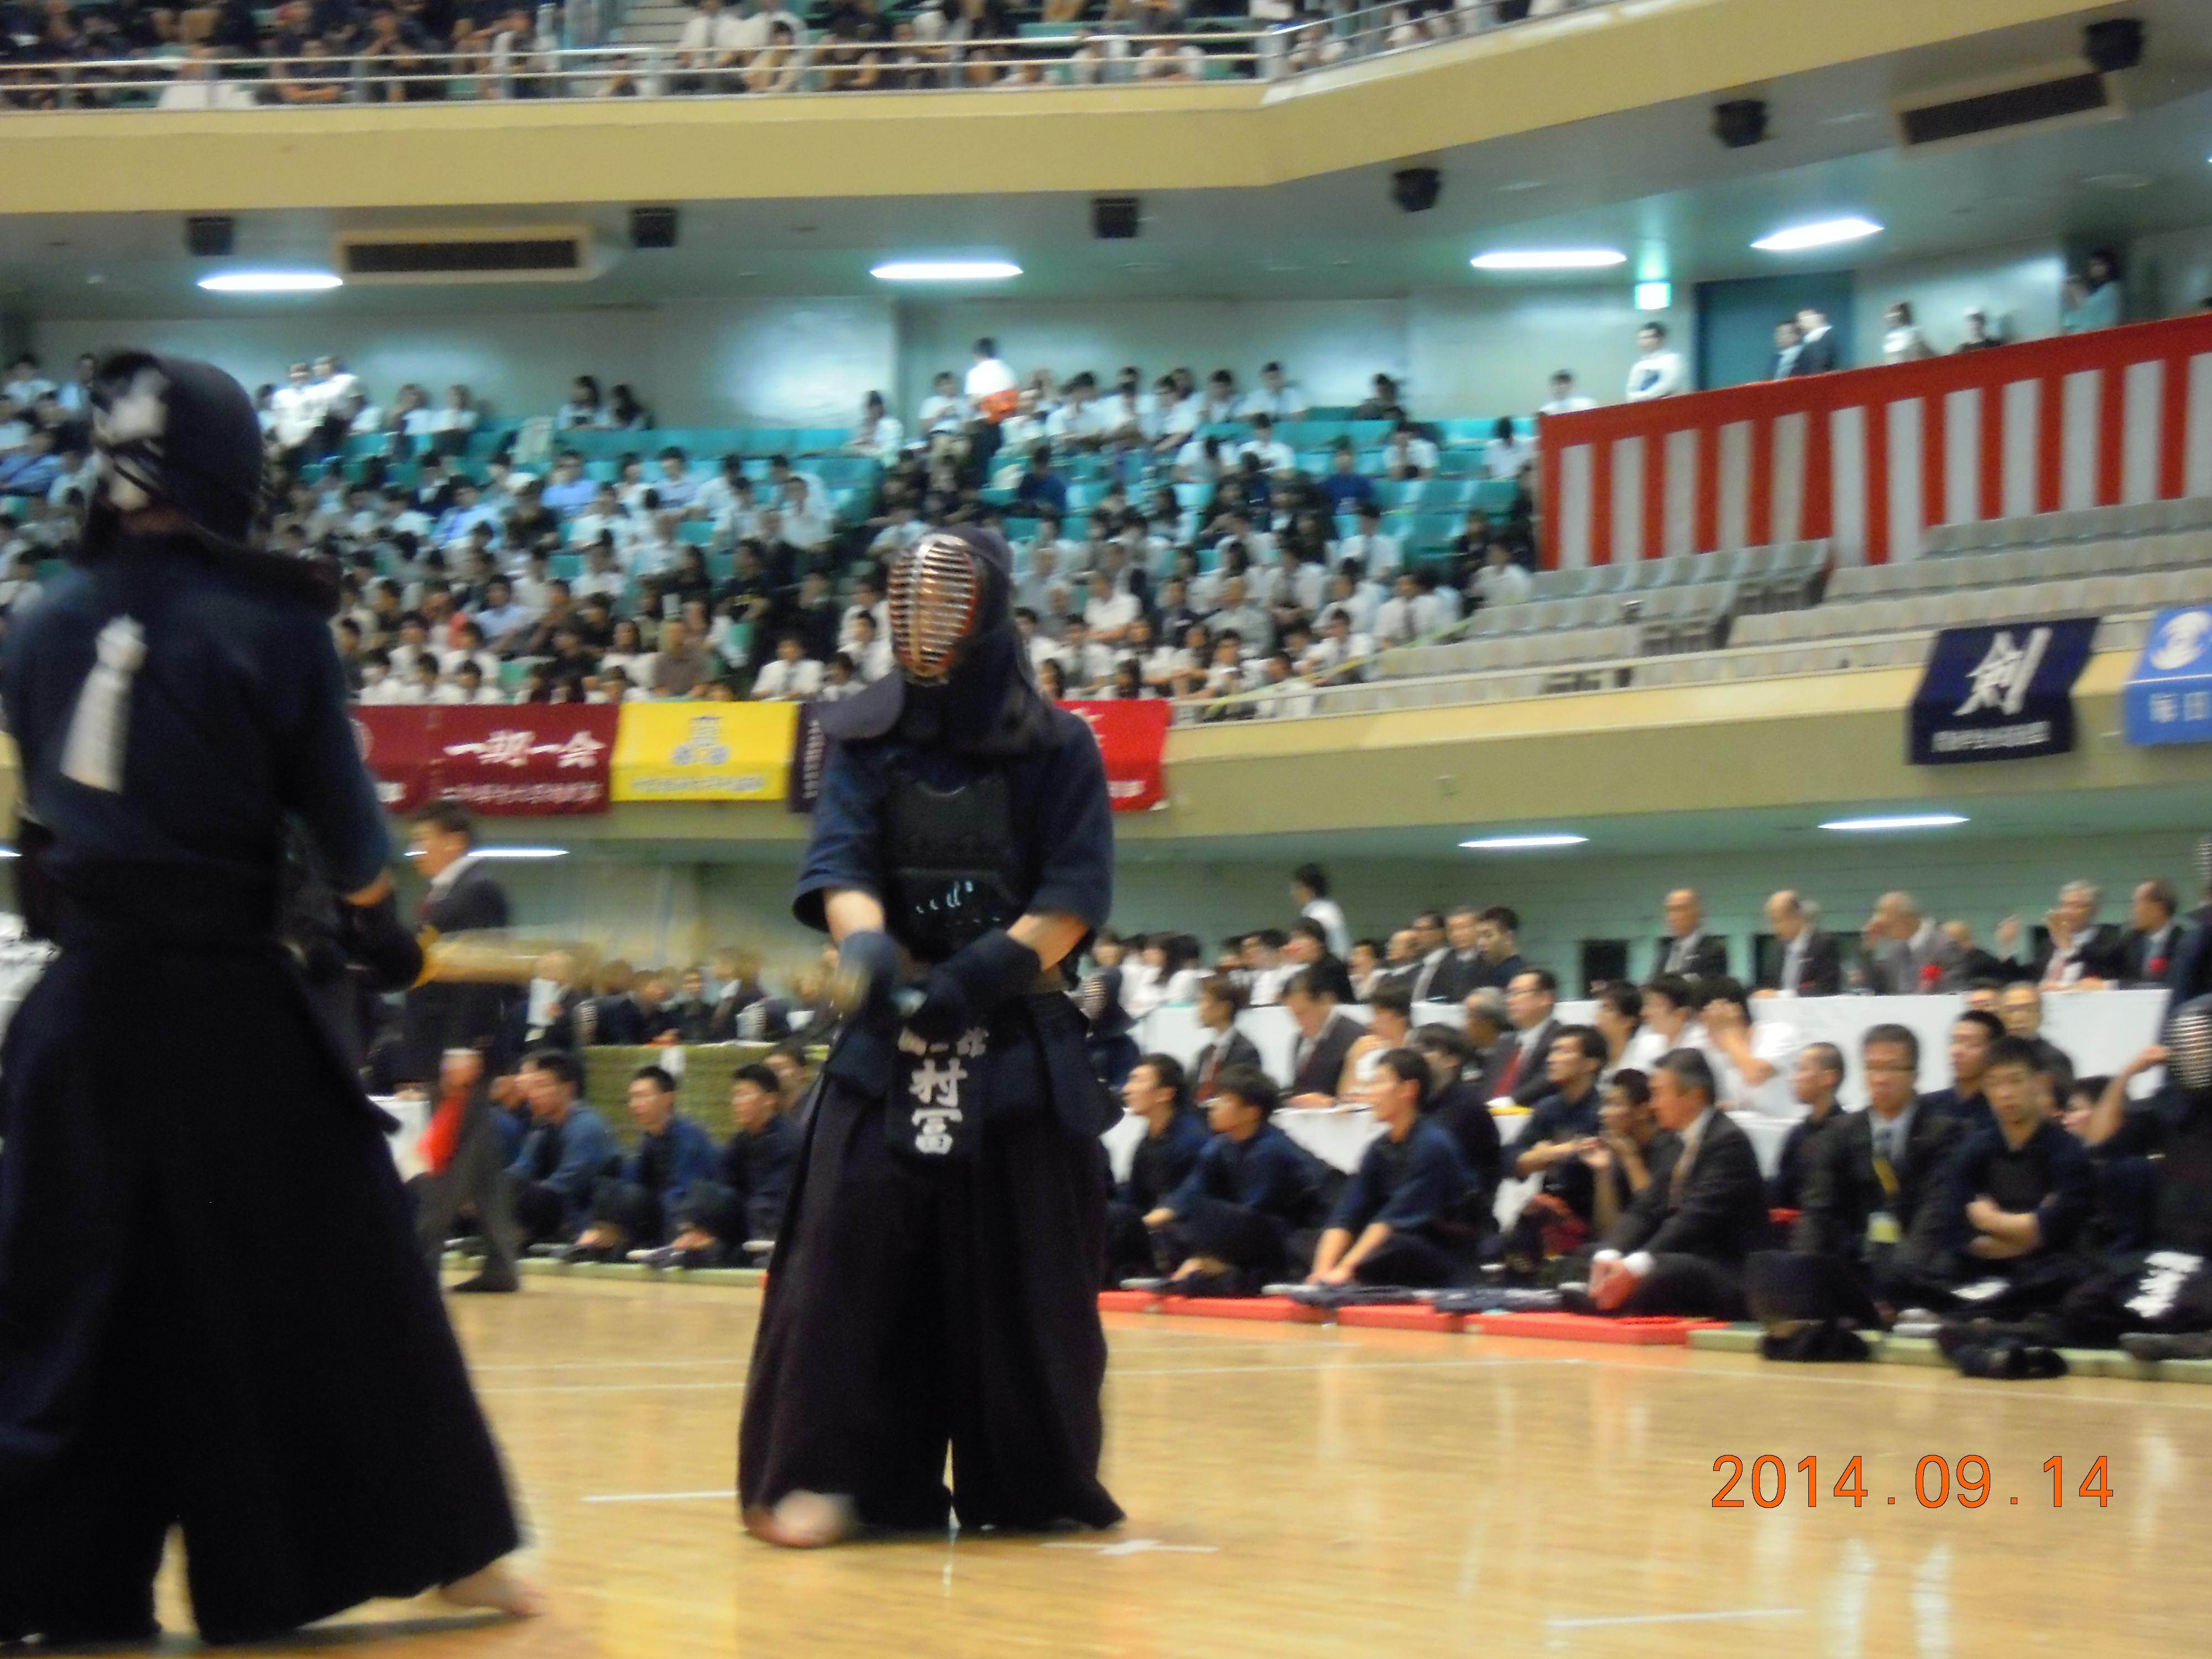 第63回<b>関東学生剣道</b>優勝大会 写真 | <b>関東学生剣道連盟</b> 公式ホームページ